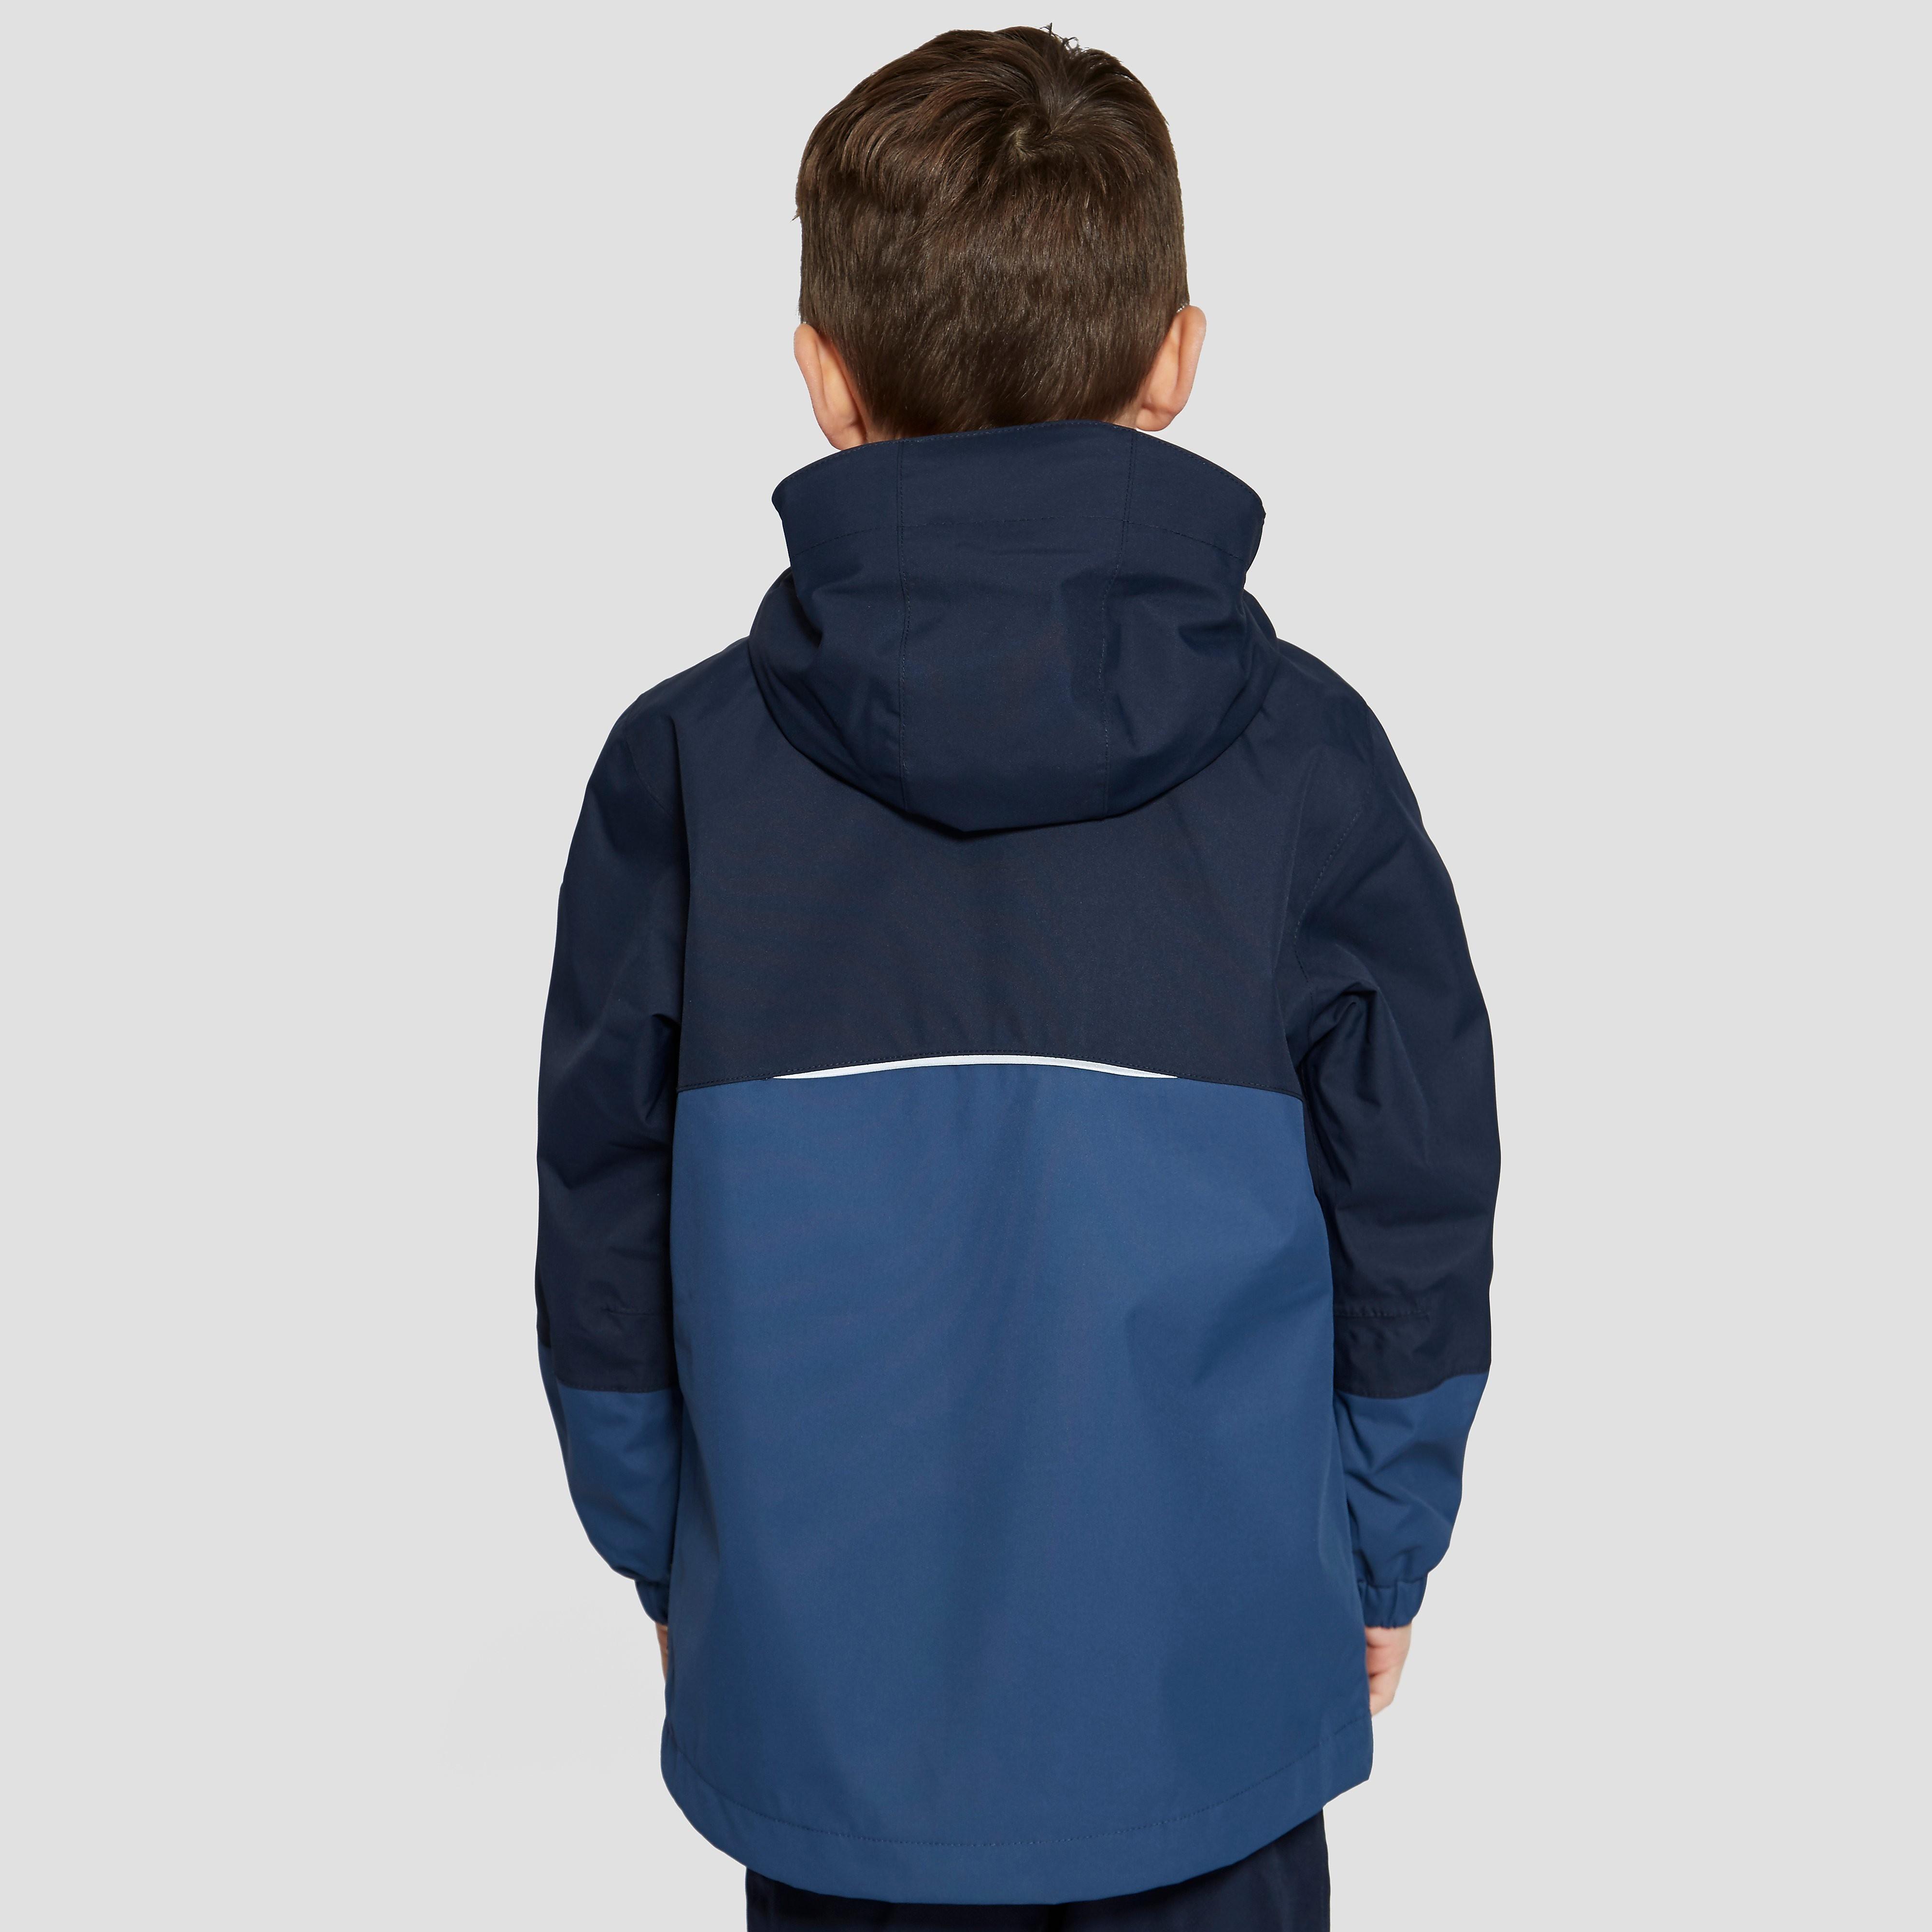 Jack Wolfskin Iceland 3-in-1 Junior Jacket